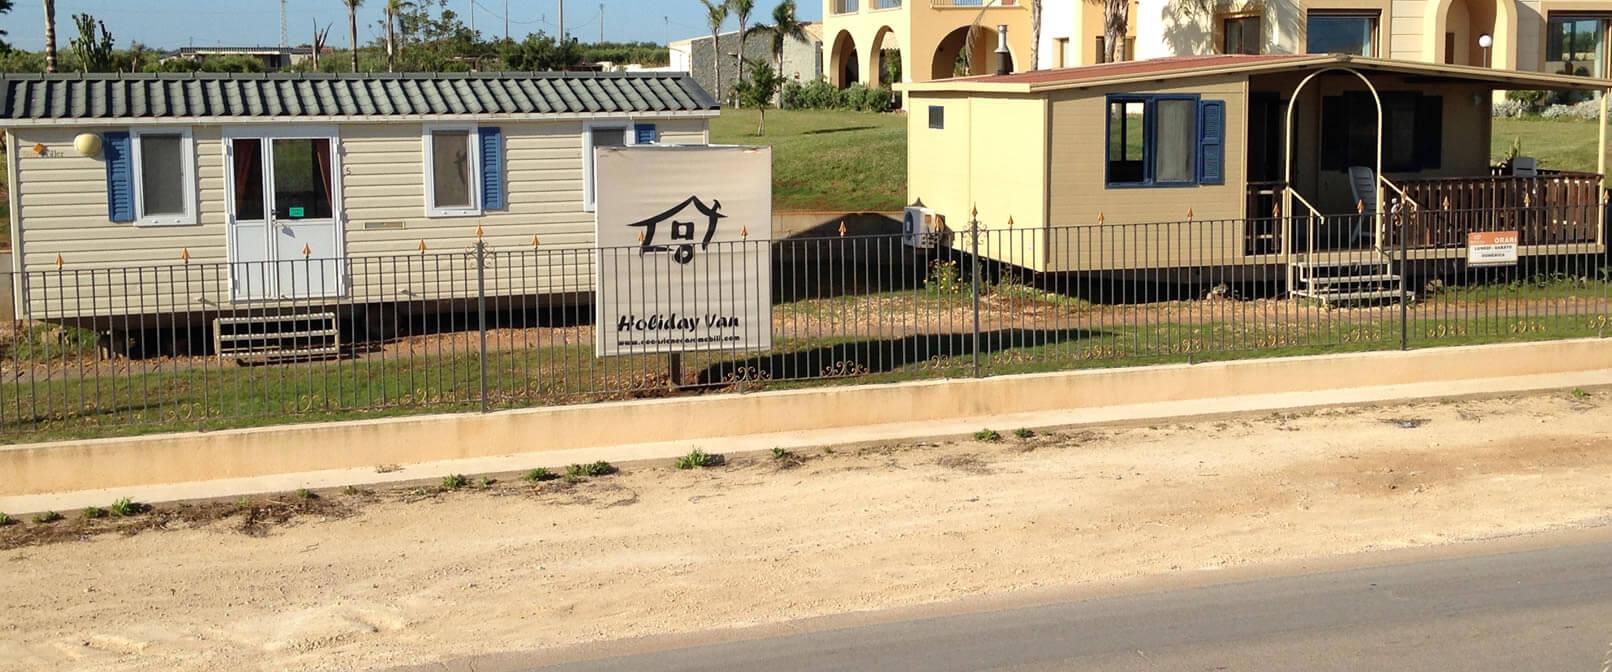 Case mobili: case mobili su ruote e case mobili usate con ...